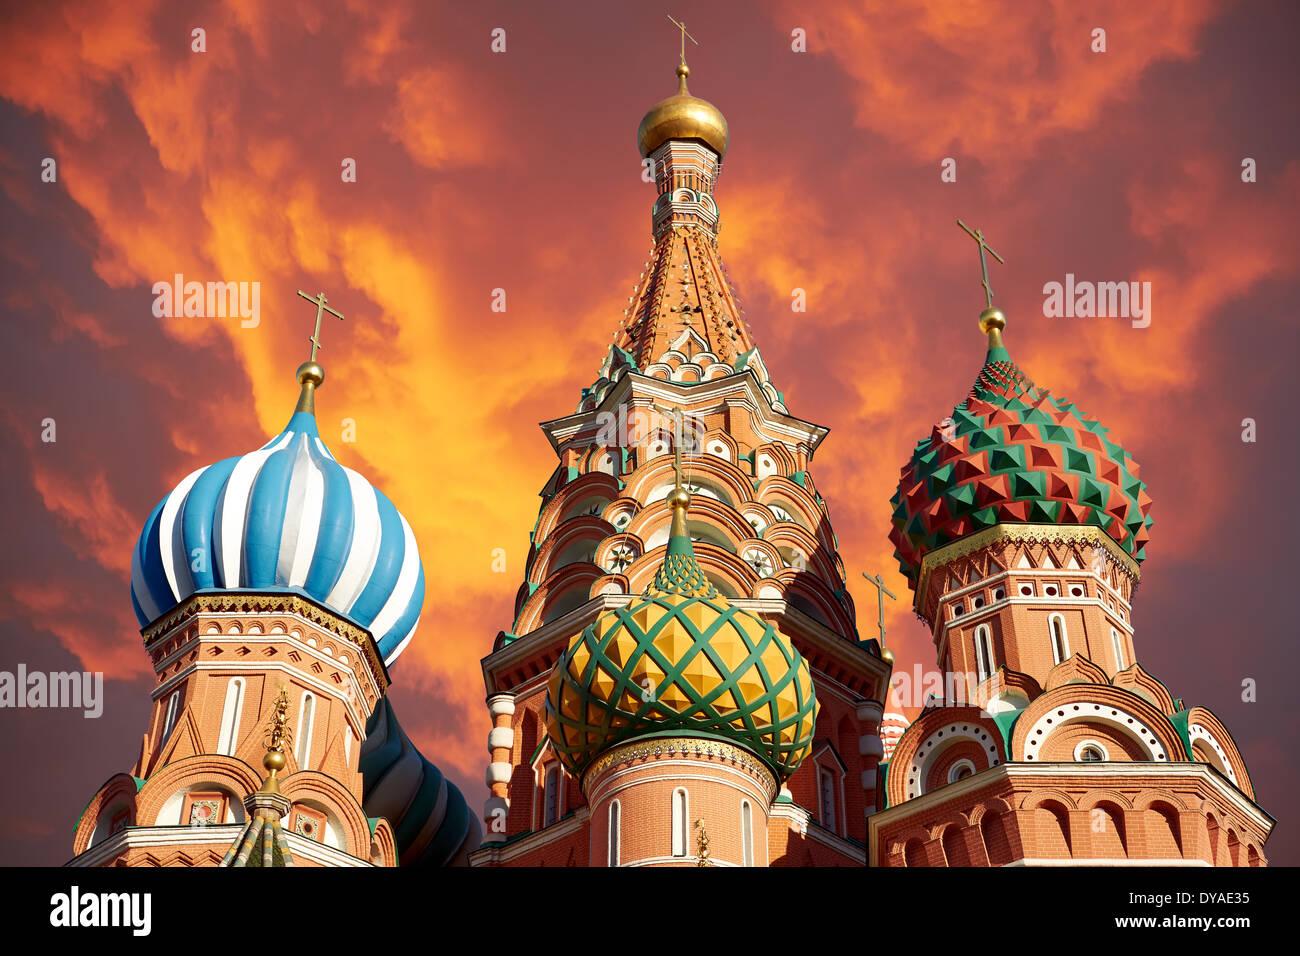 Una vista de la Catedral de San Basilio, Moscú, Rusia Imagen De Stock